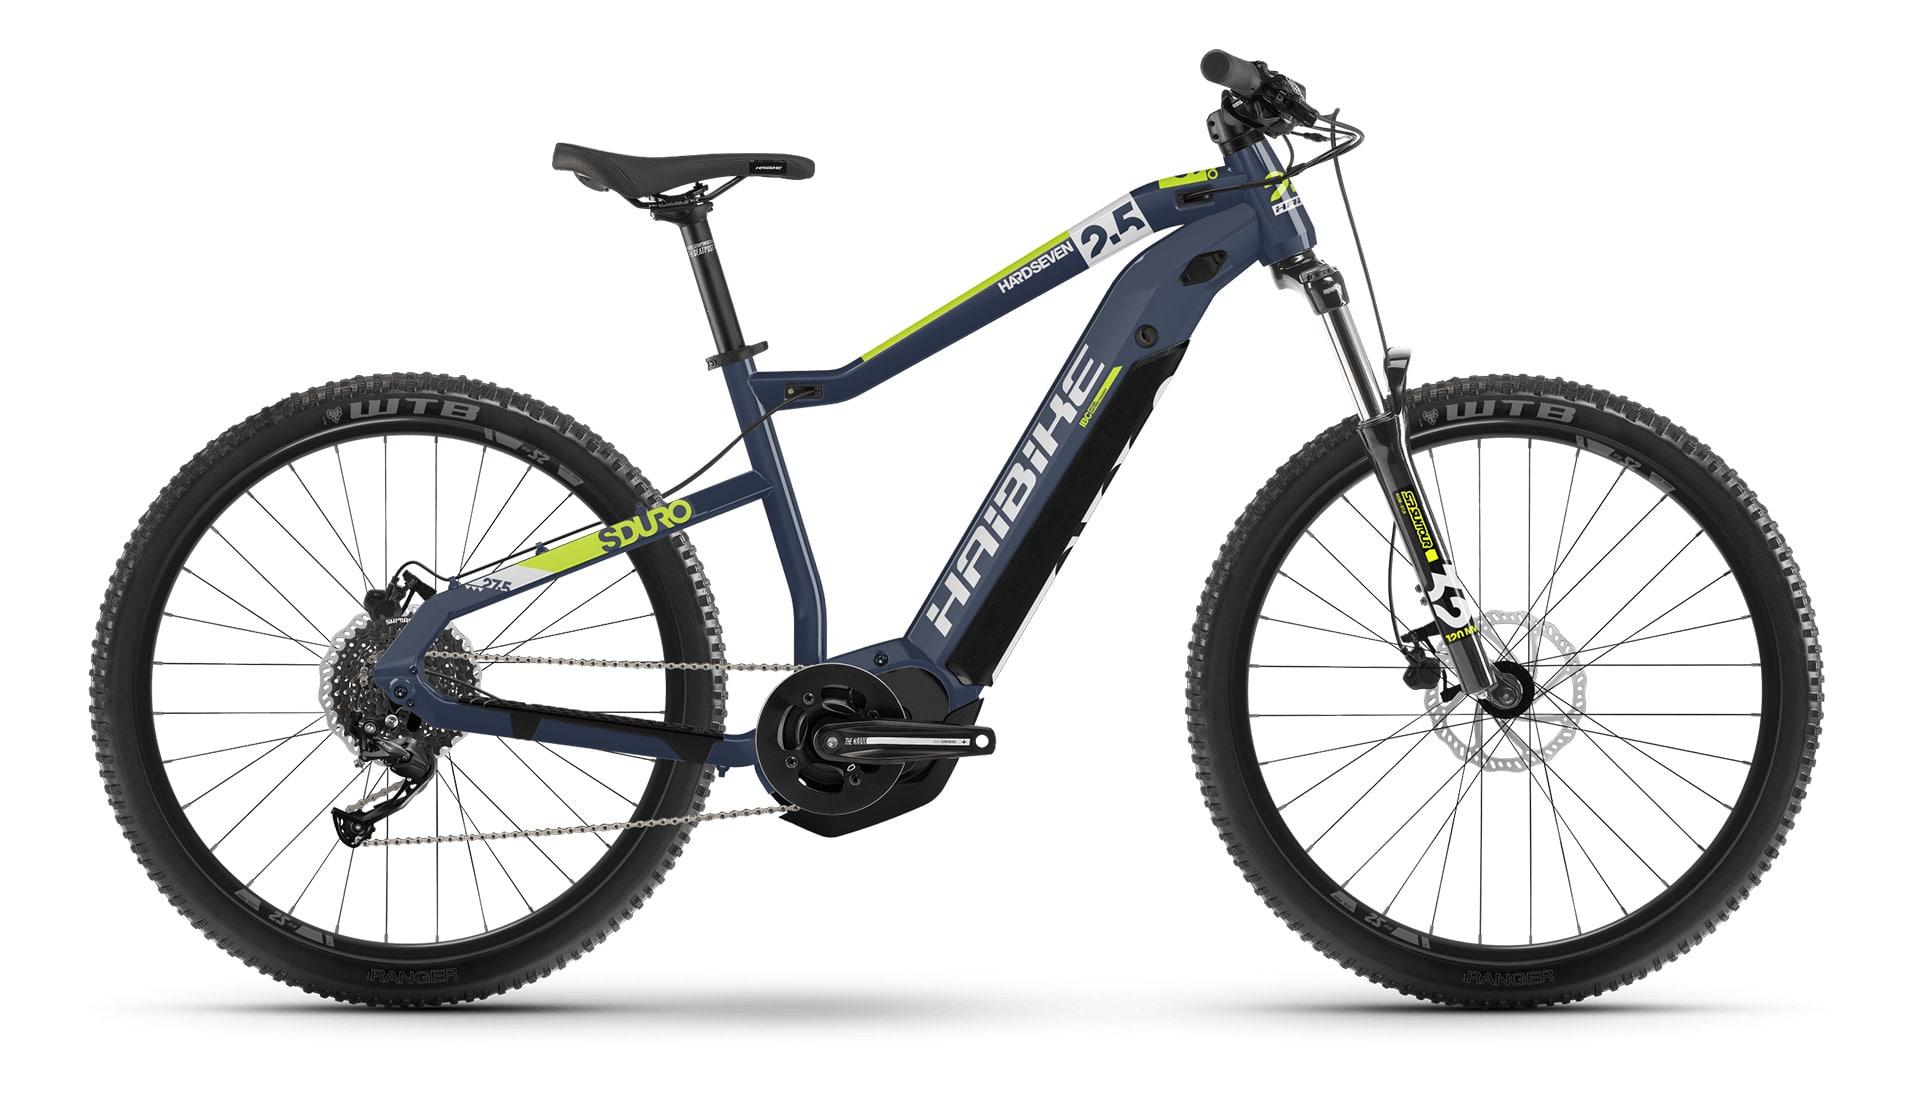 Haibike-hardseven_2.5-elektro_fahrrad-2021-01